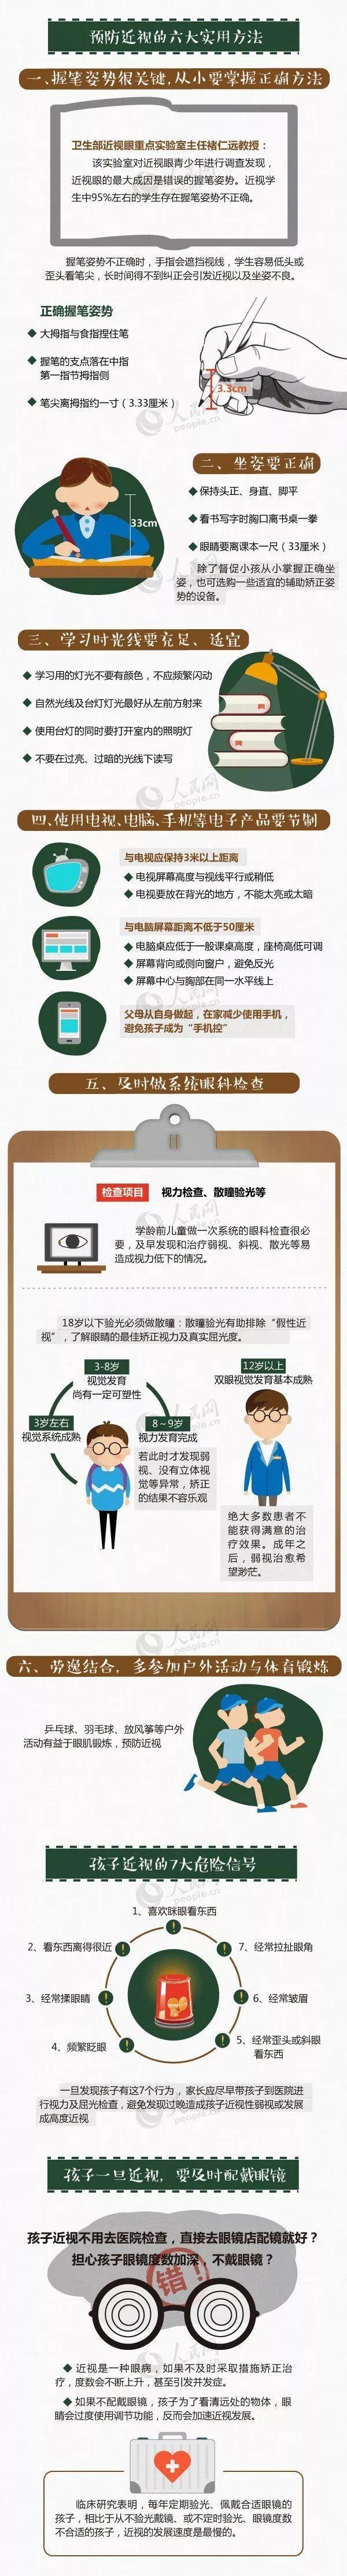 教育部拟禁止用手机平板布置作业,要求小学生近视率降到38%!